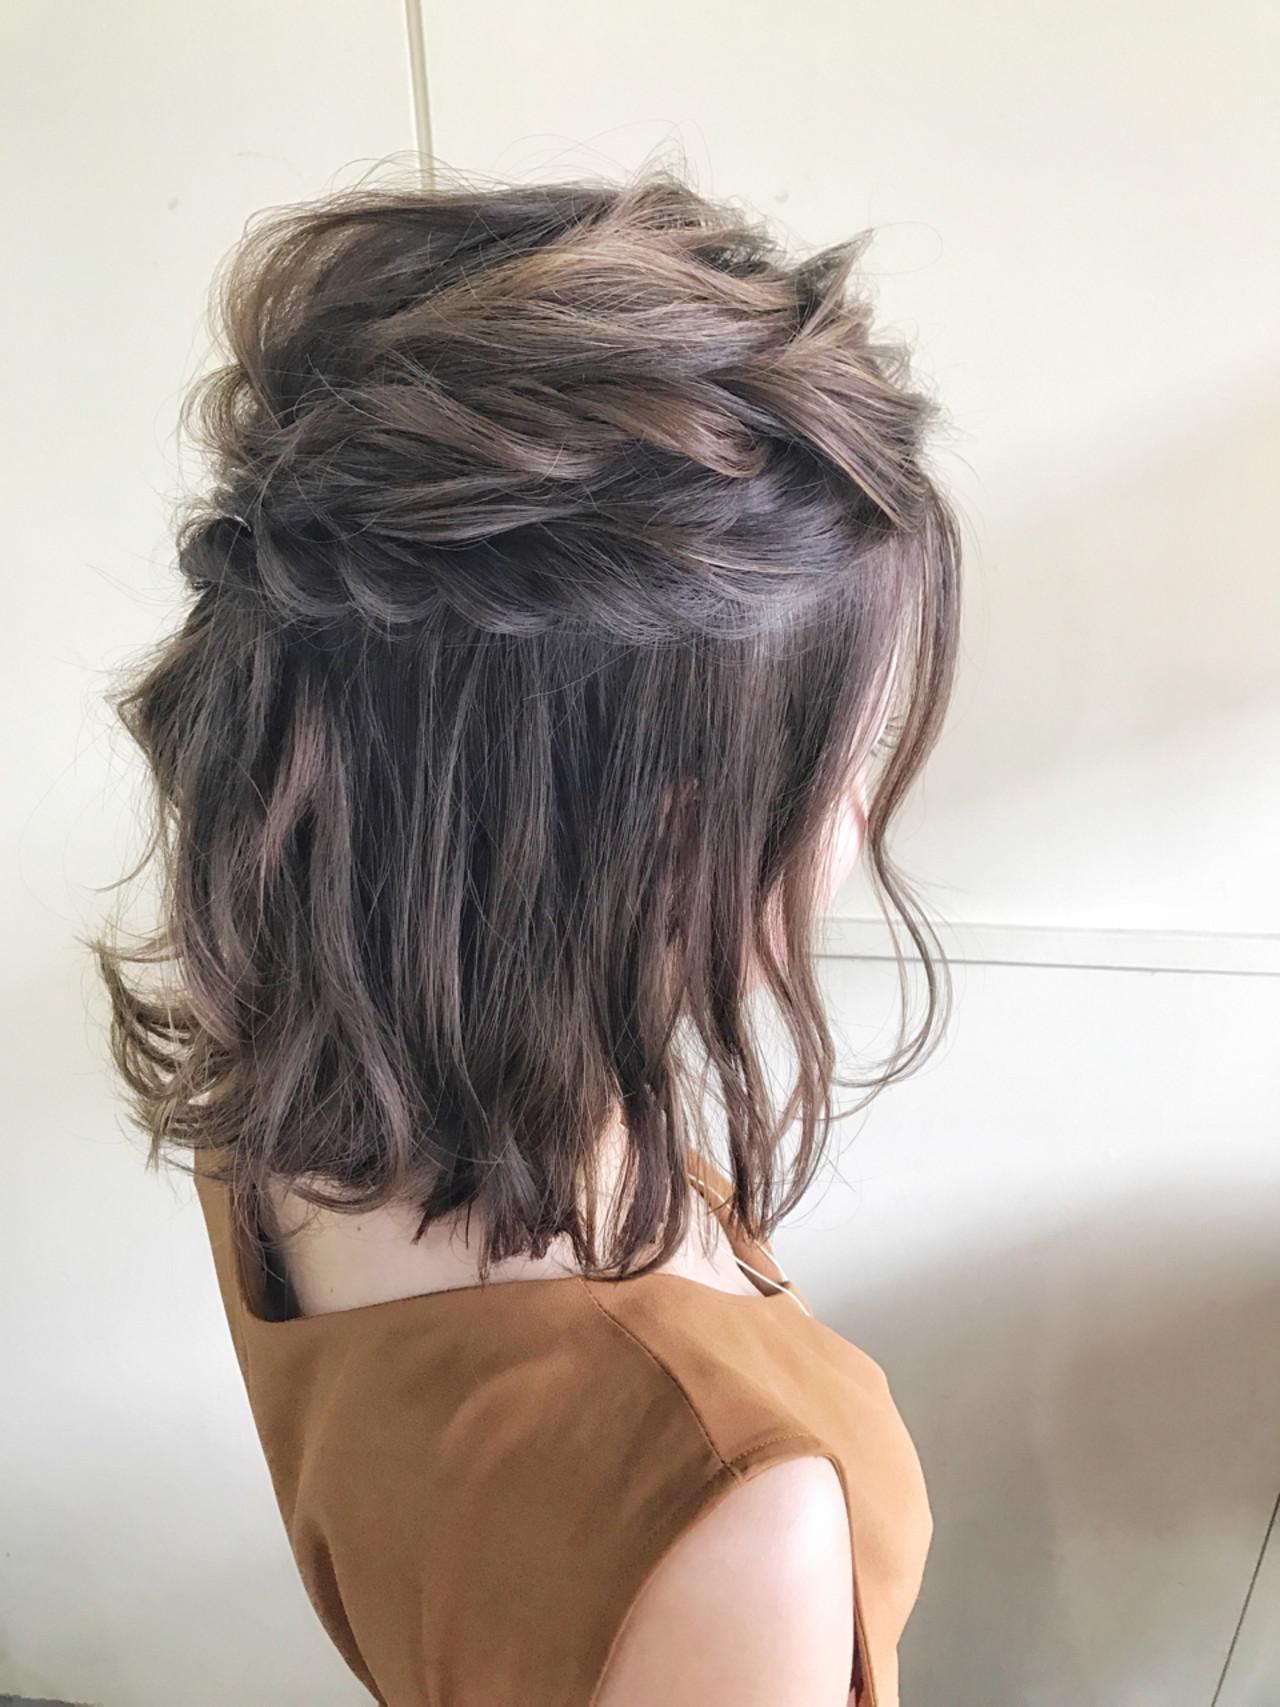 結婚式 ハーフアップ ボブ ヘアアレンジ ヘアスタイルや髪型の写真・画像